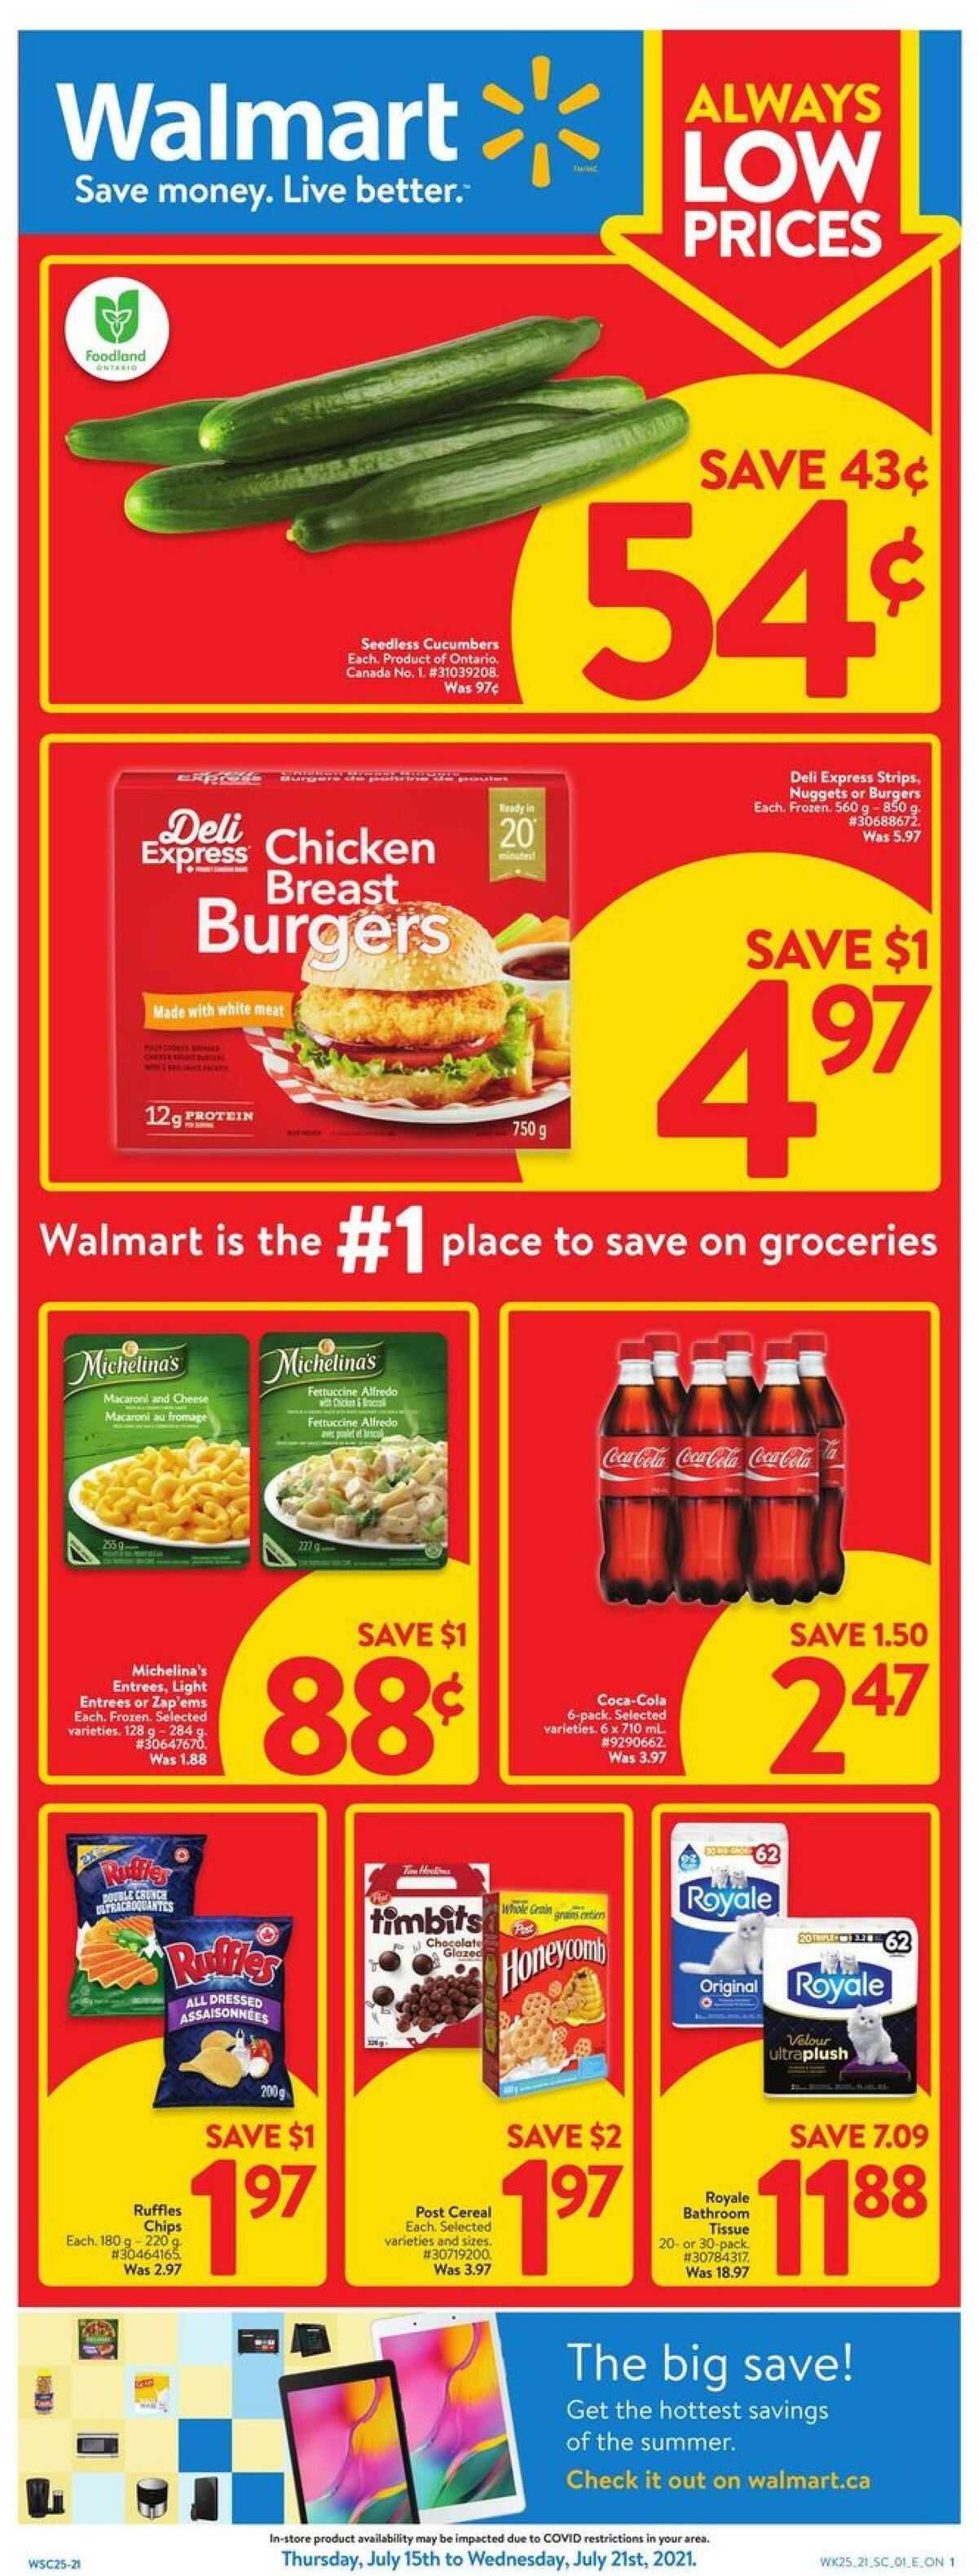 Walmart Flyer from July 15